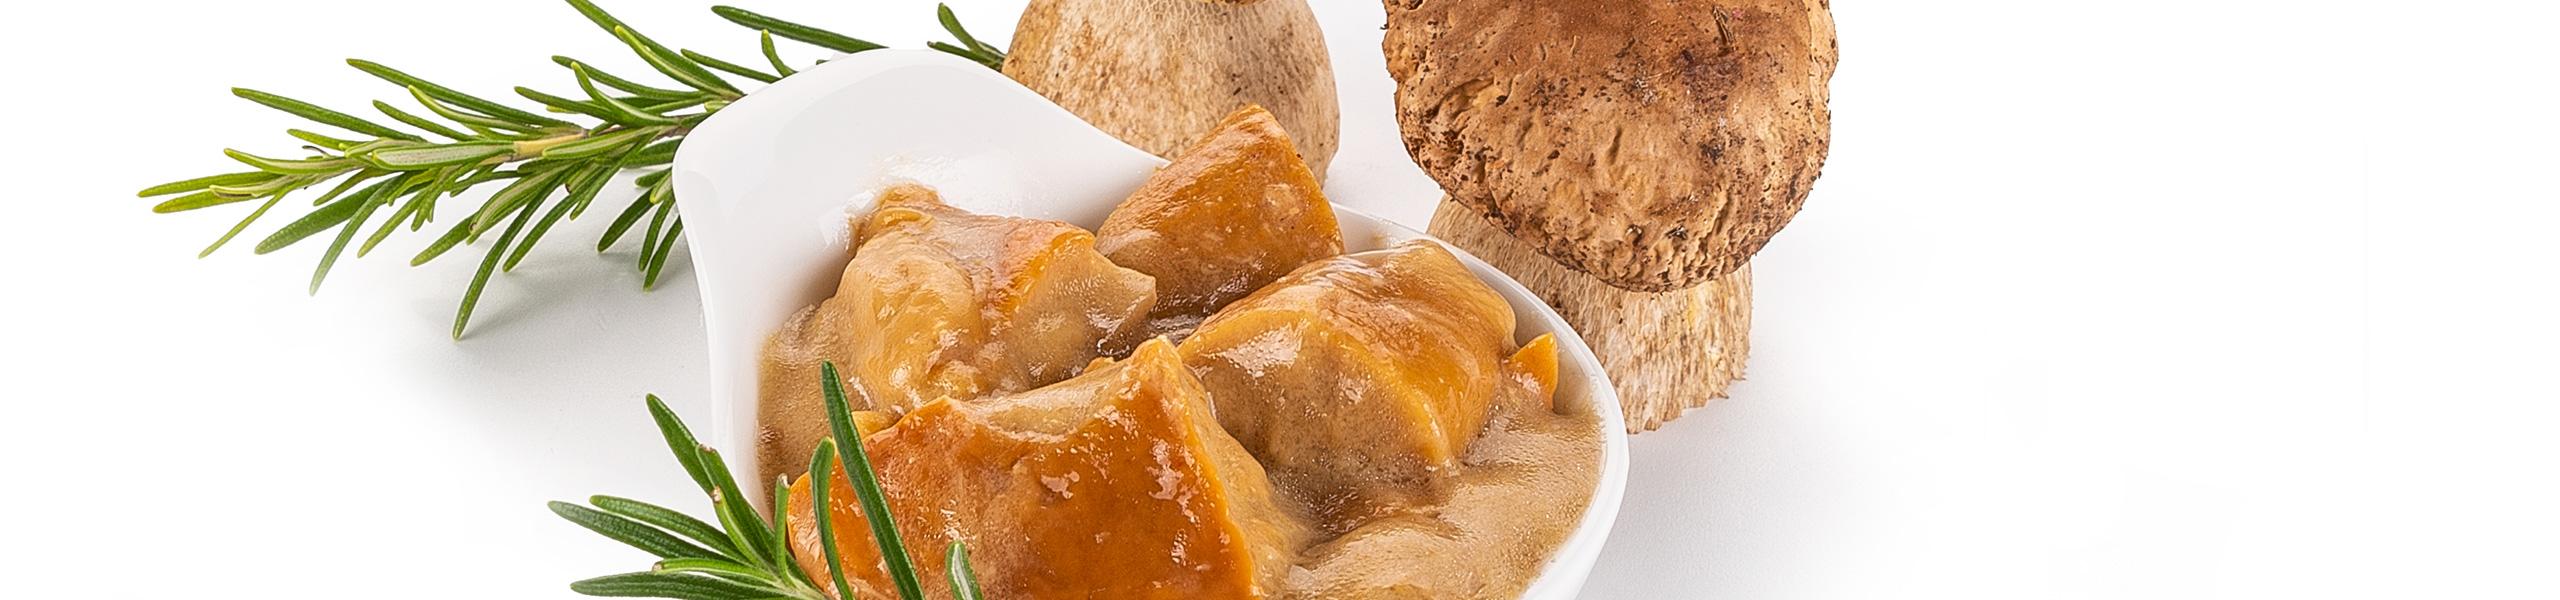 Gusto Ricco Funghi porcini trifolati